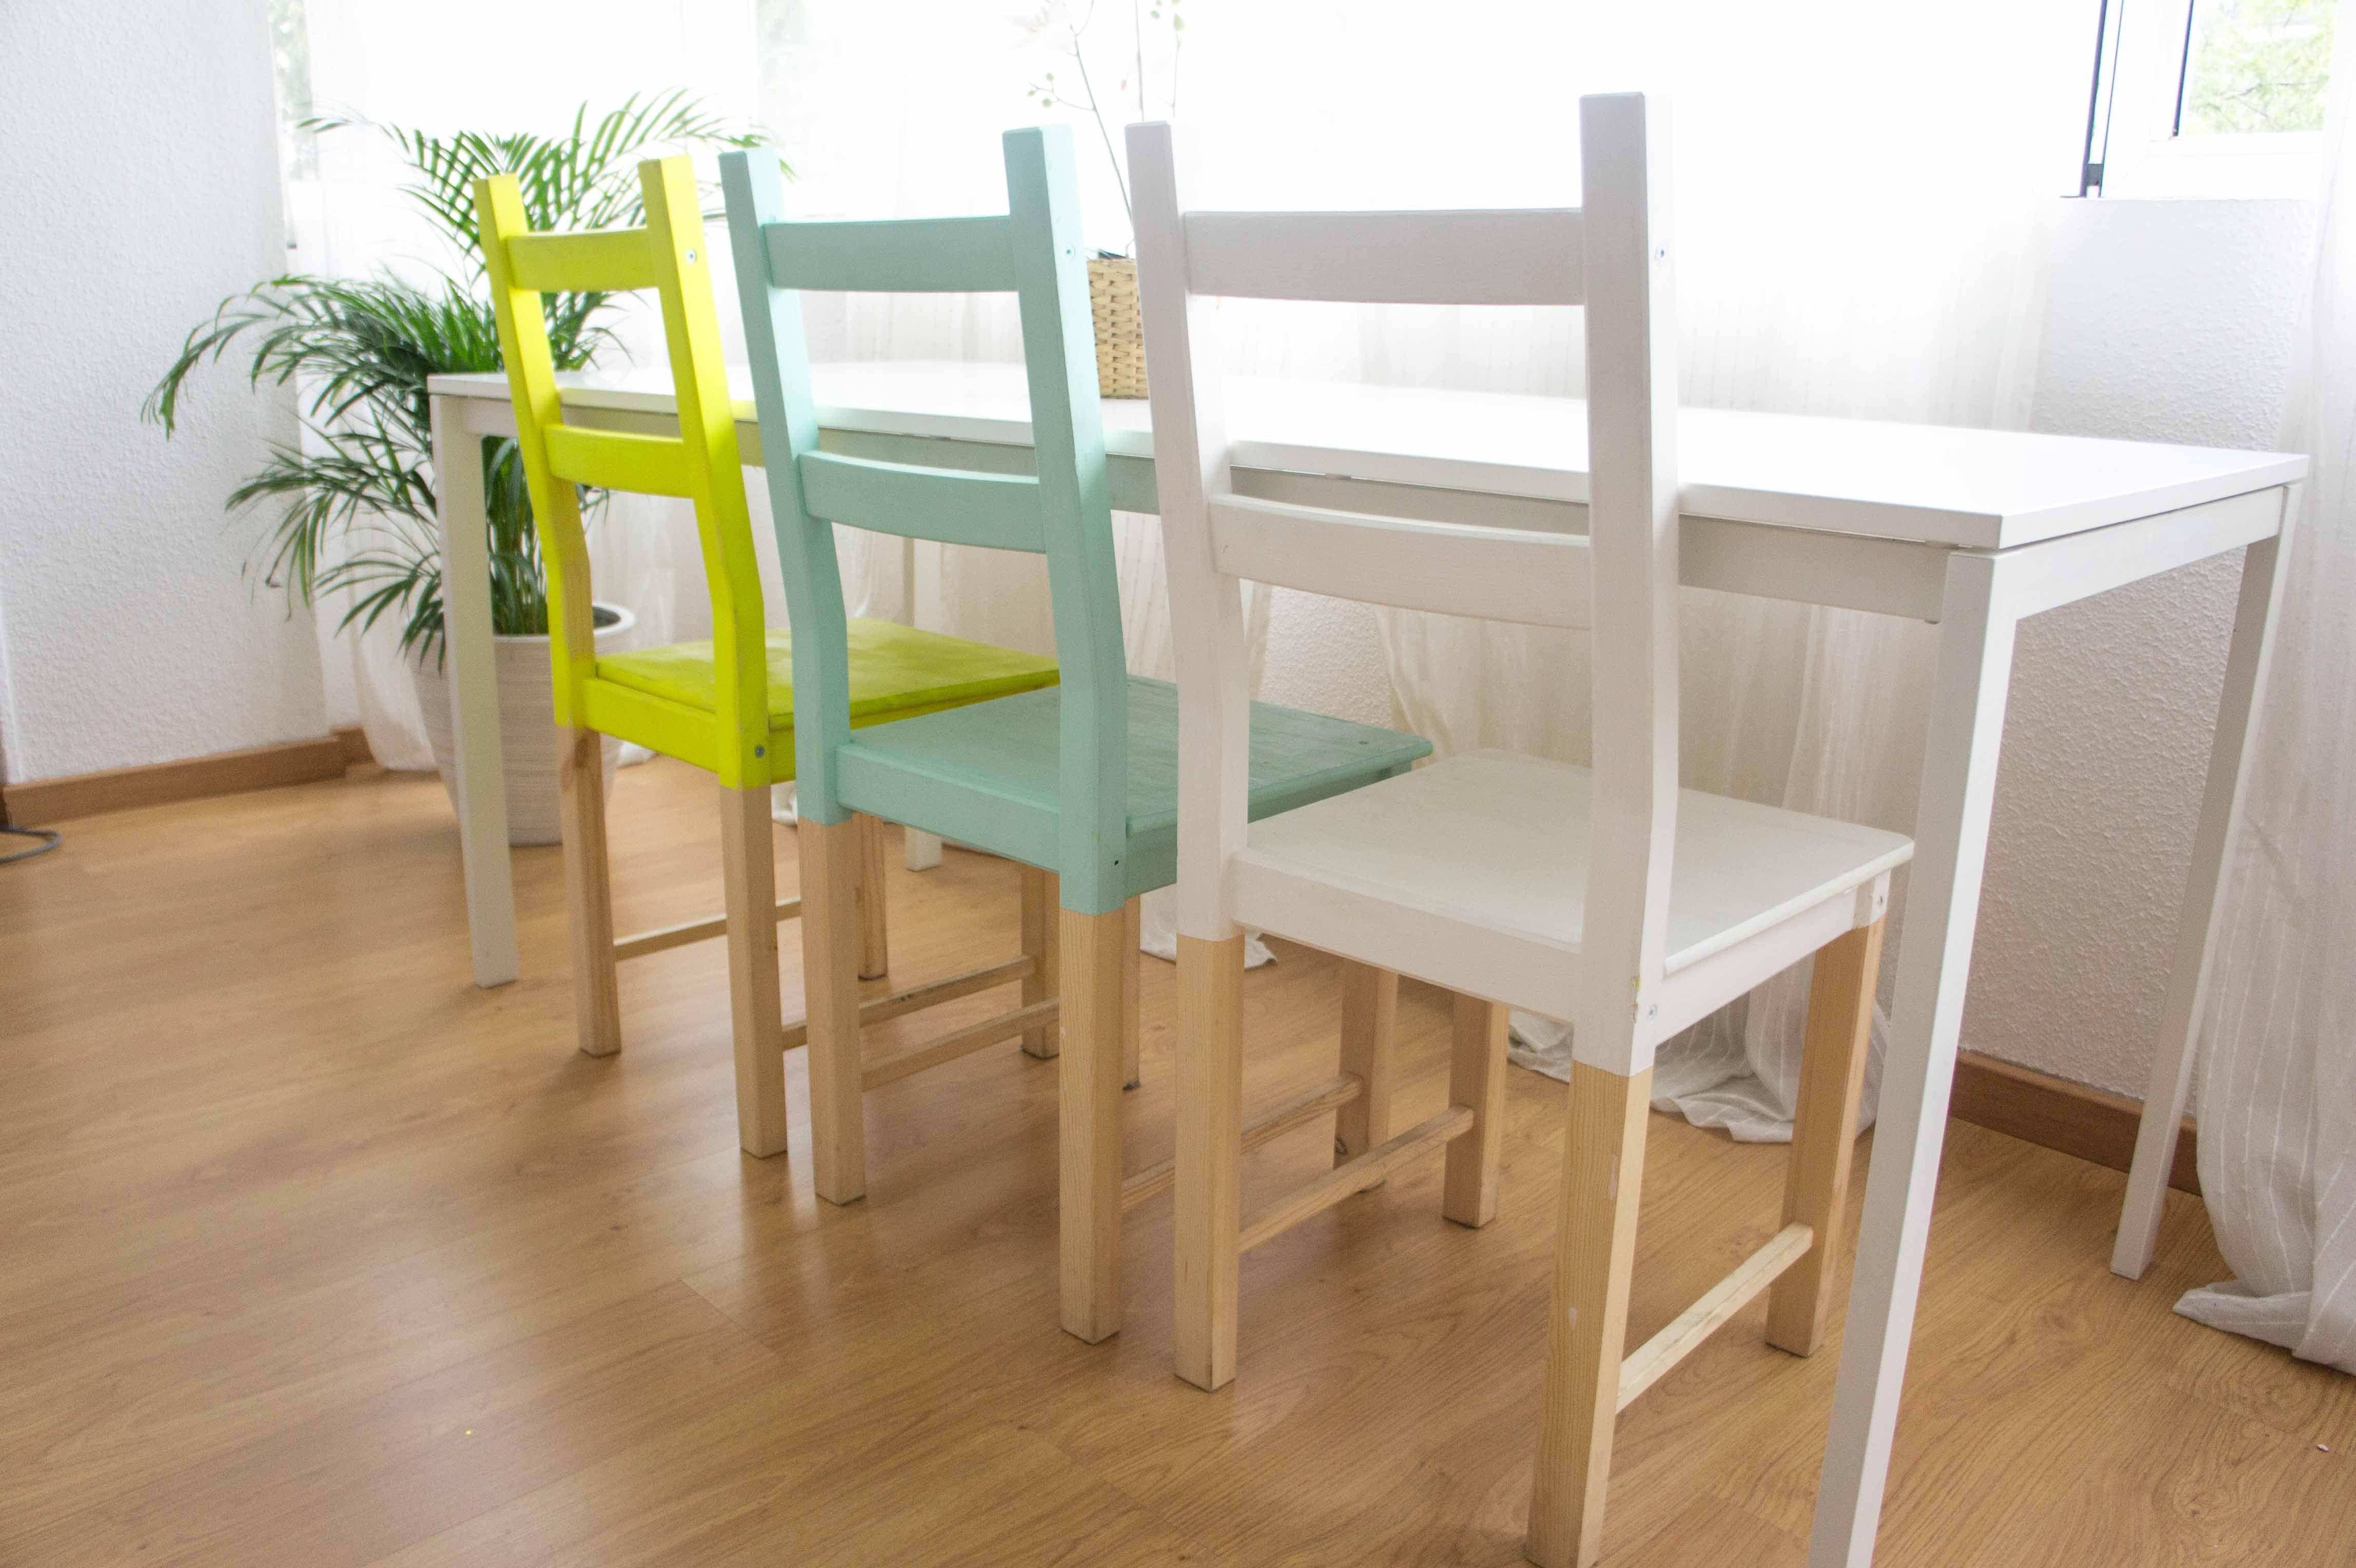 silla-pintadas-ikea-ivar-hack-half-painted (2) | Half Painted ...